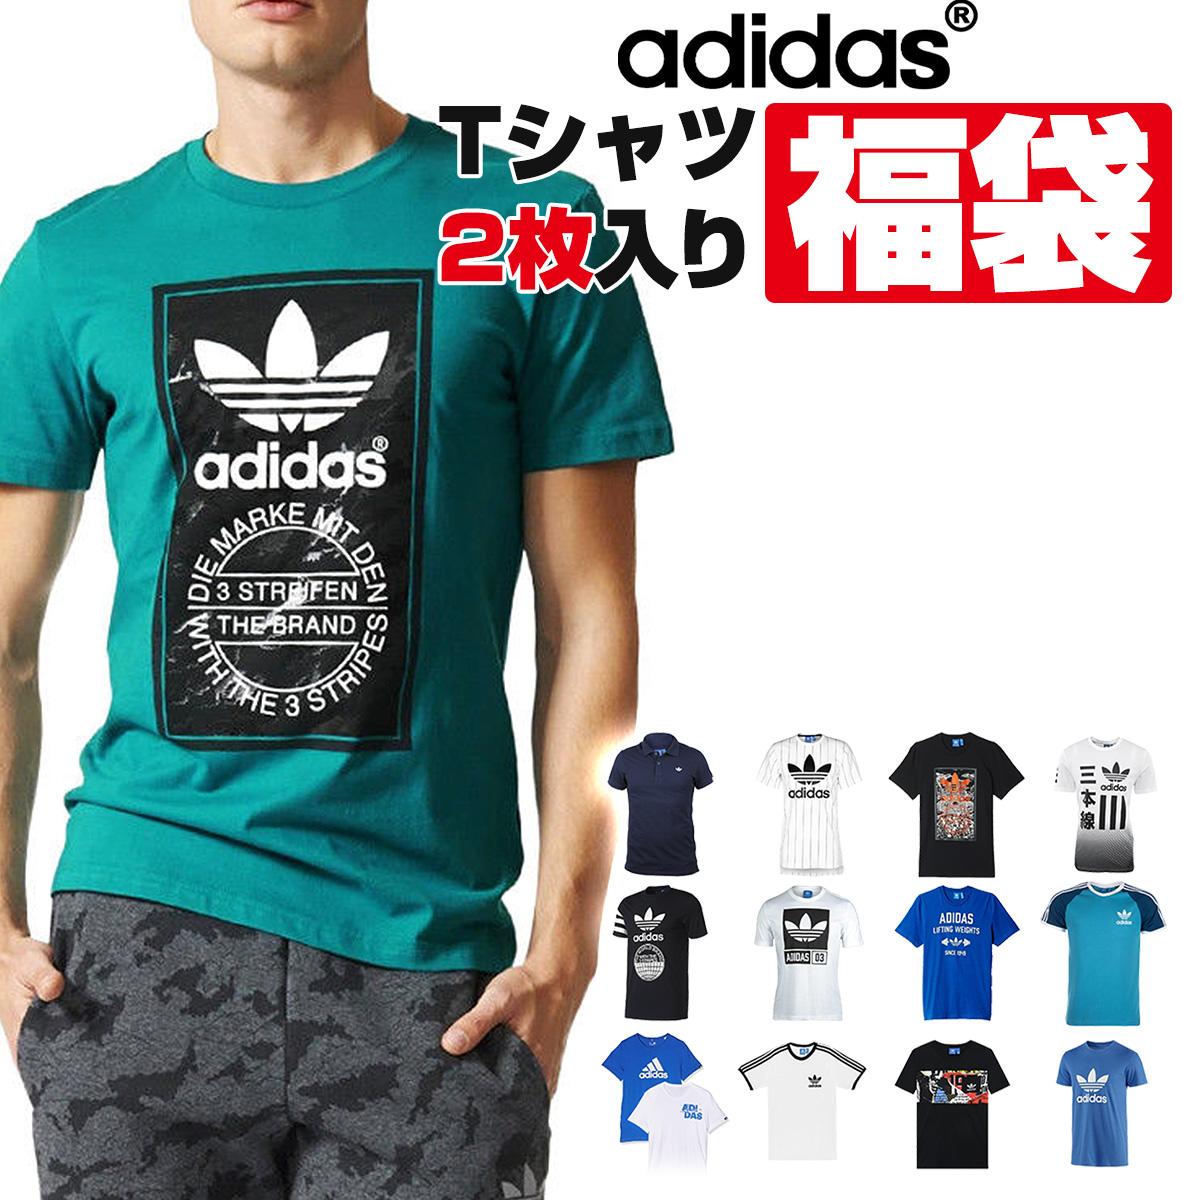 【期間限定特価】【アディダス 福袋】Tシャツ2点セット アディダス オリジナルス 国内モデル Tシャツ 小さいサイズ 大きいサイズ Tシャツセット【送料無料】